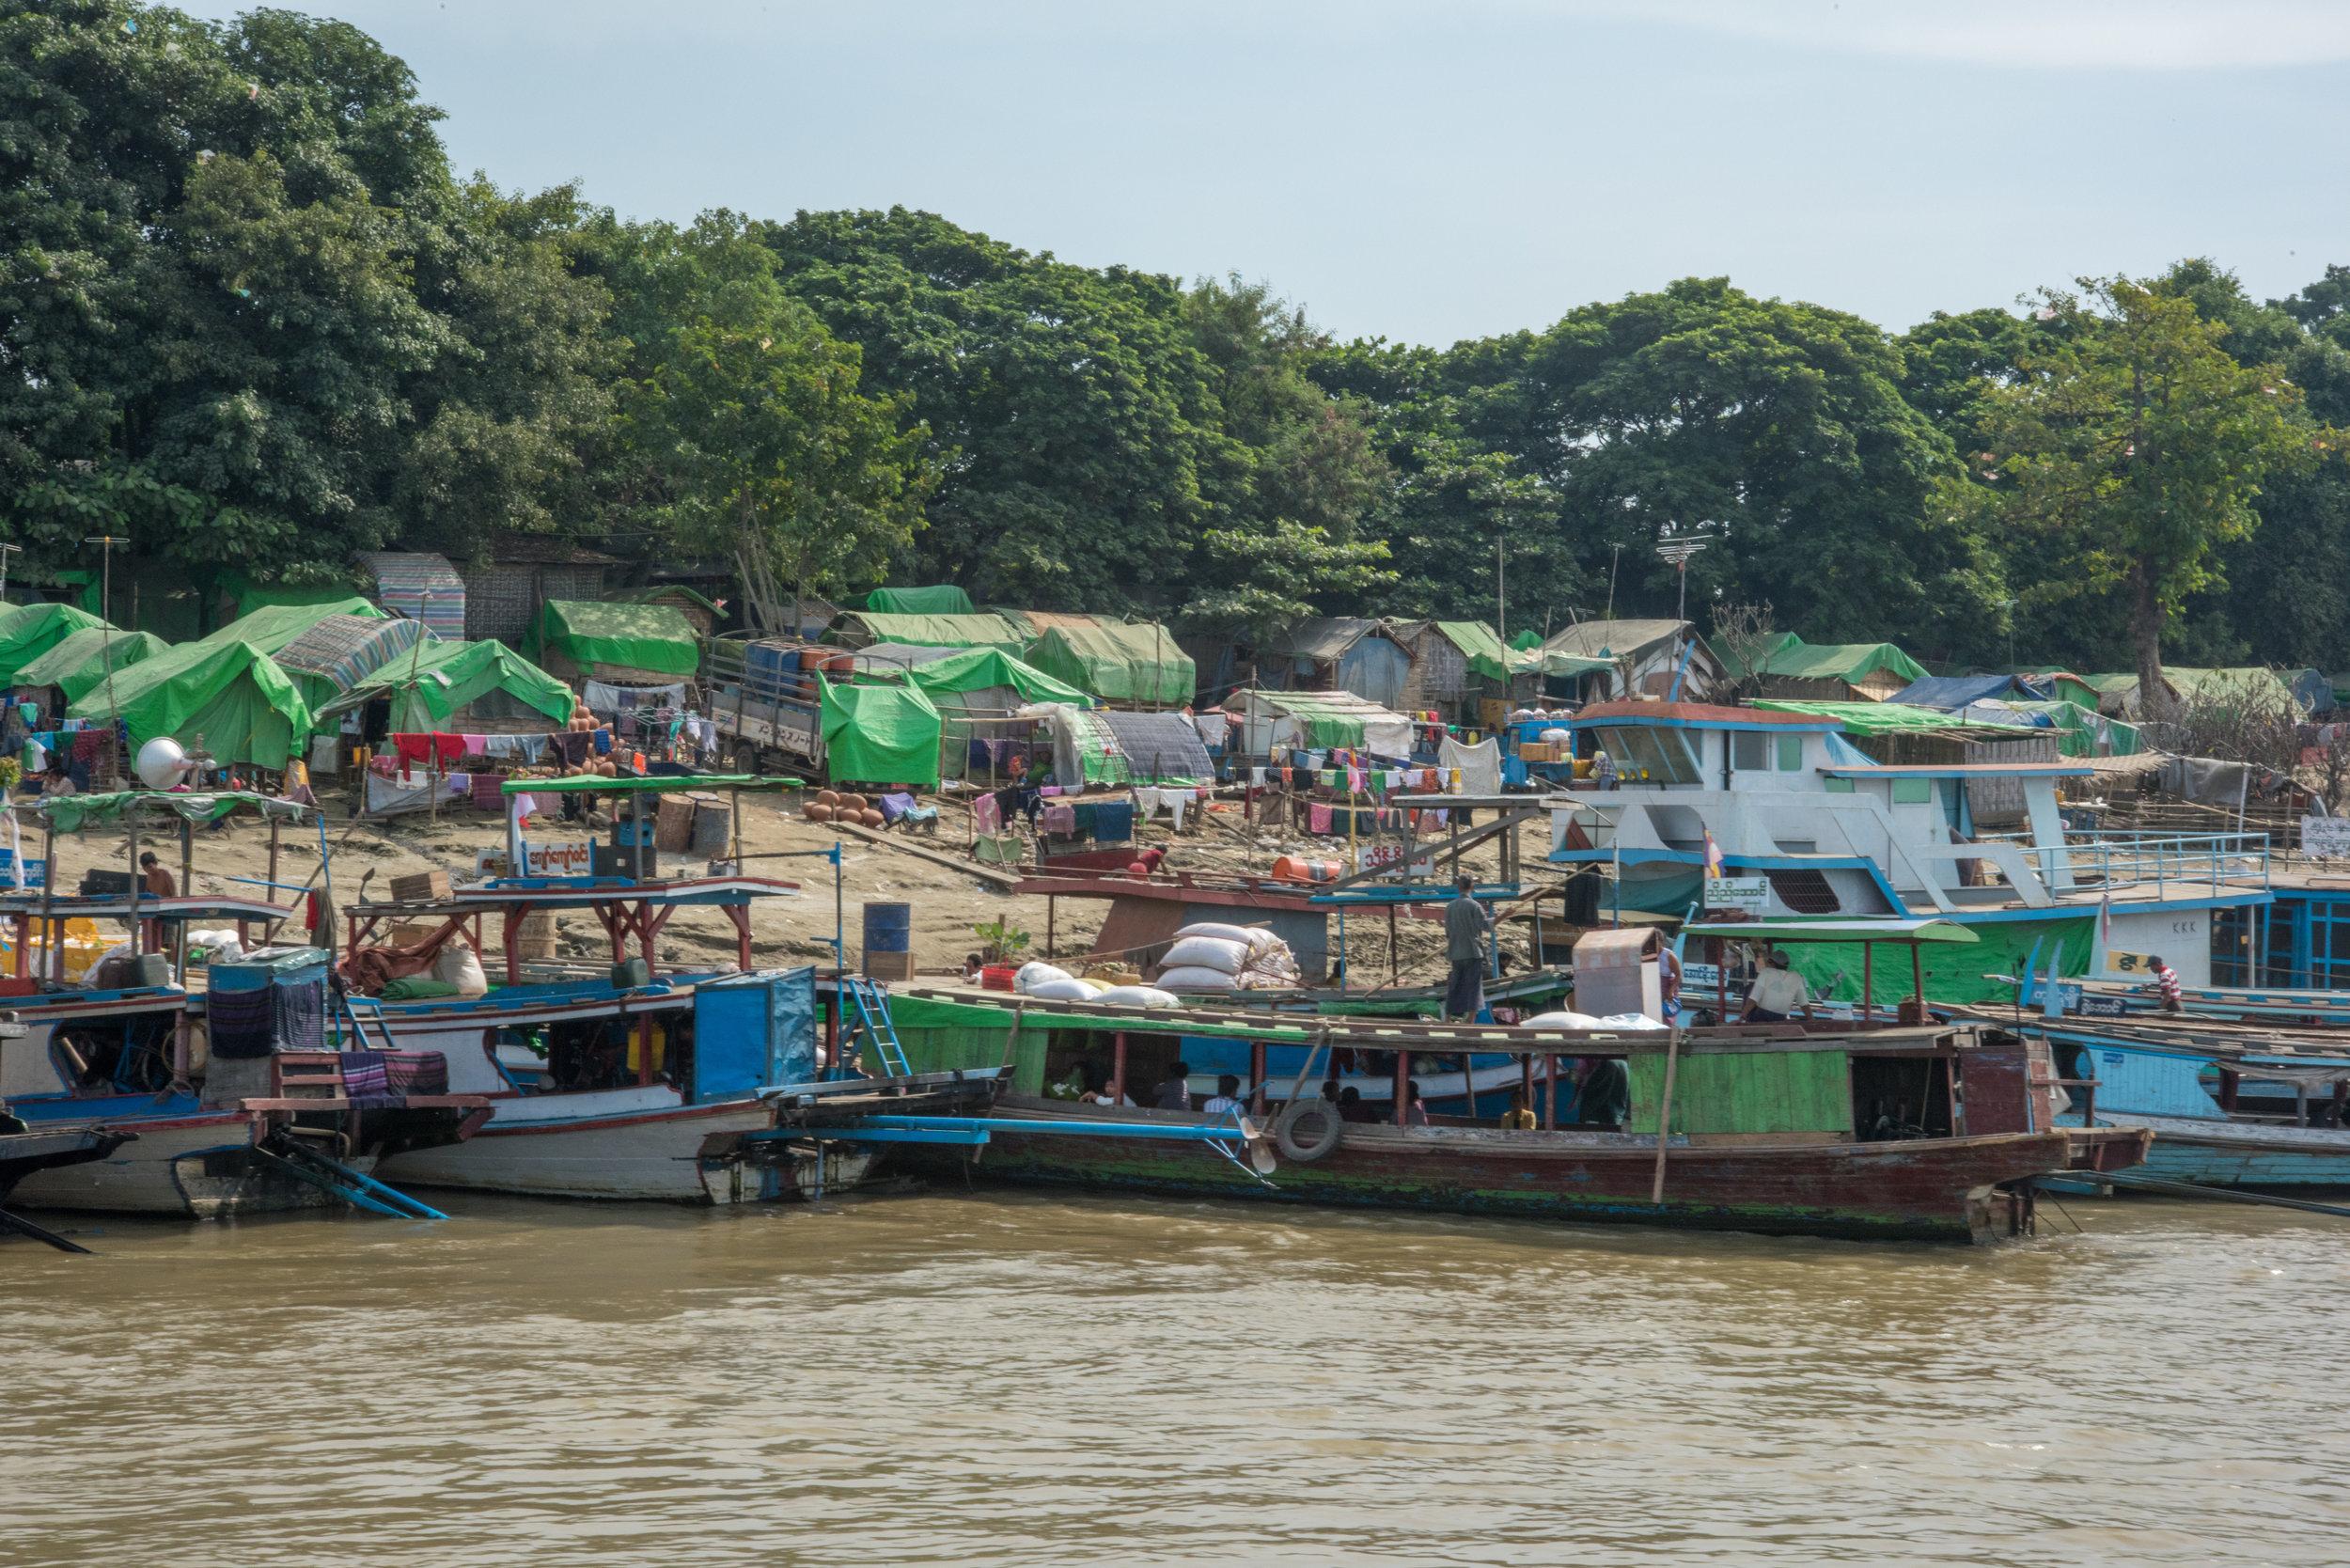 Harbour, Irrawaddy River, Mandalay, Myanmar